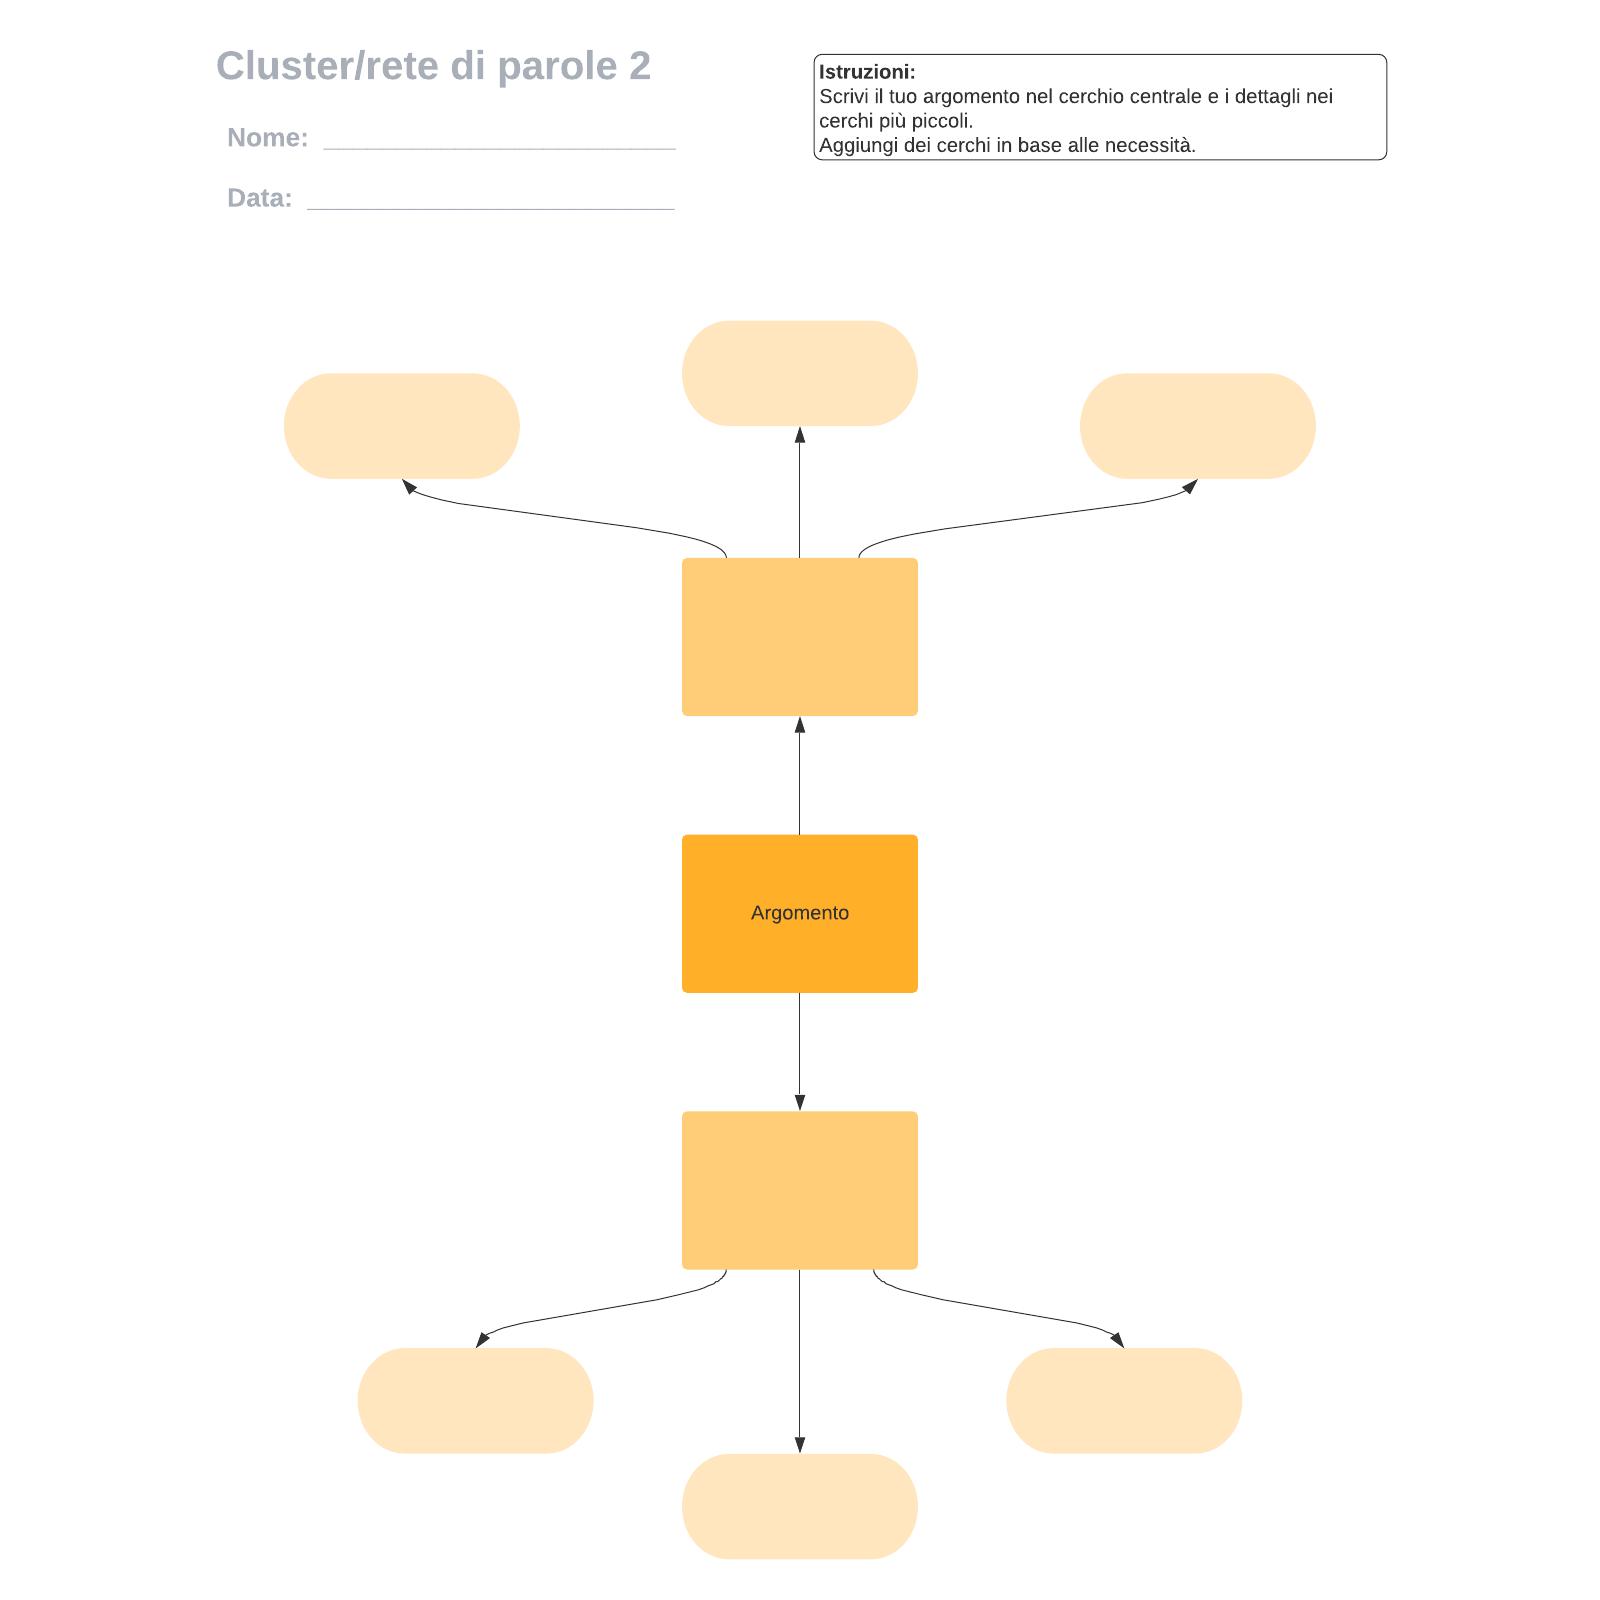 Cluster/rete di parole 2